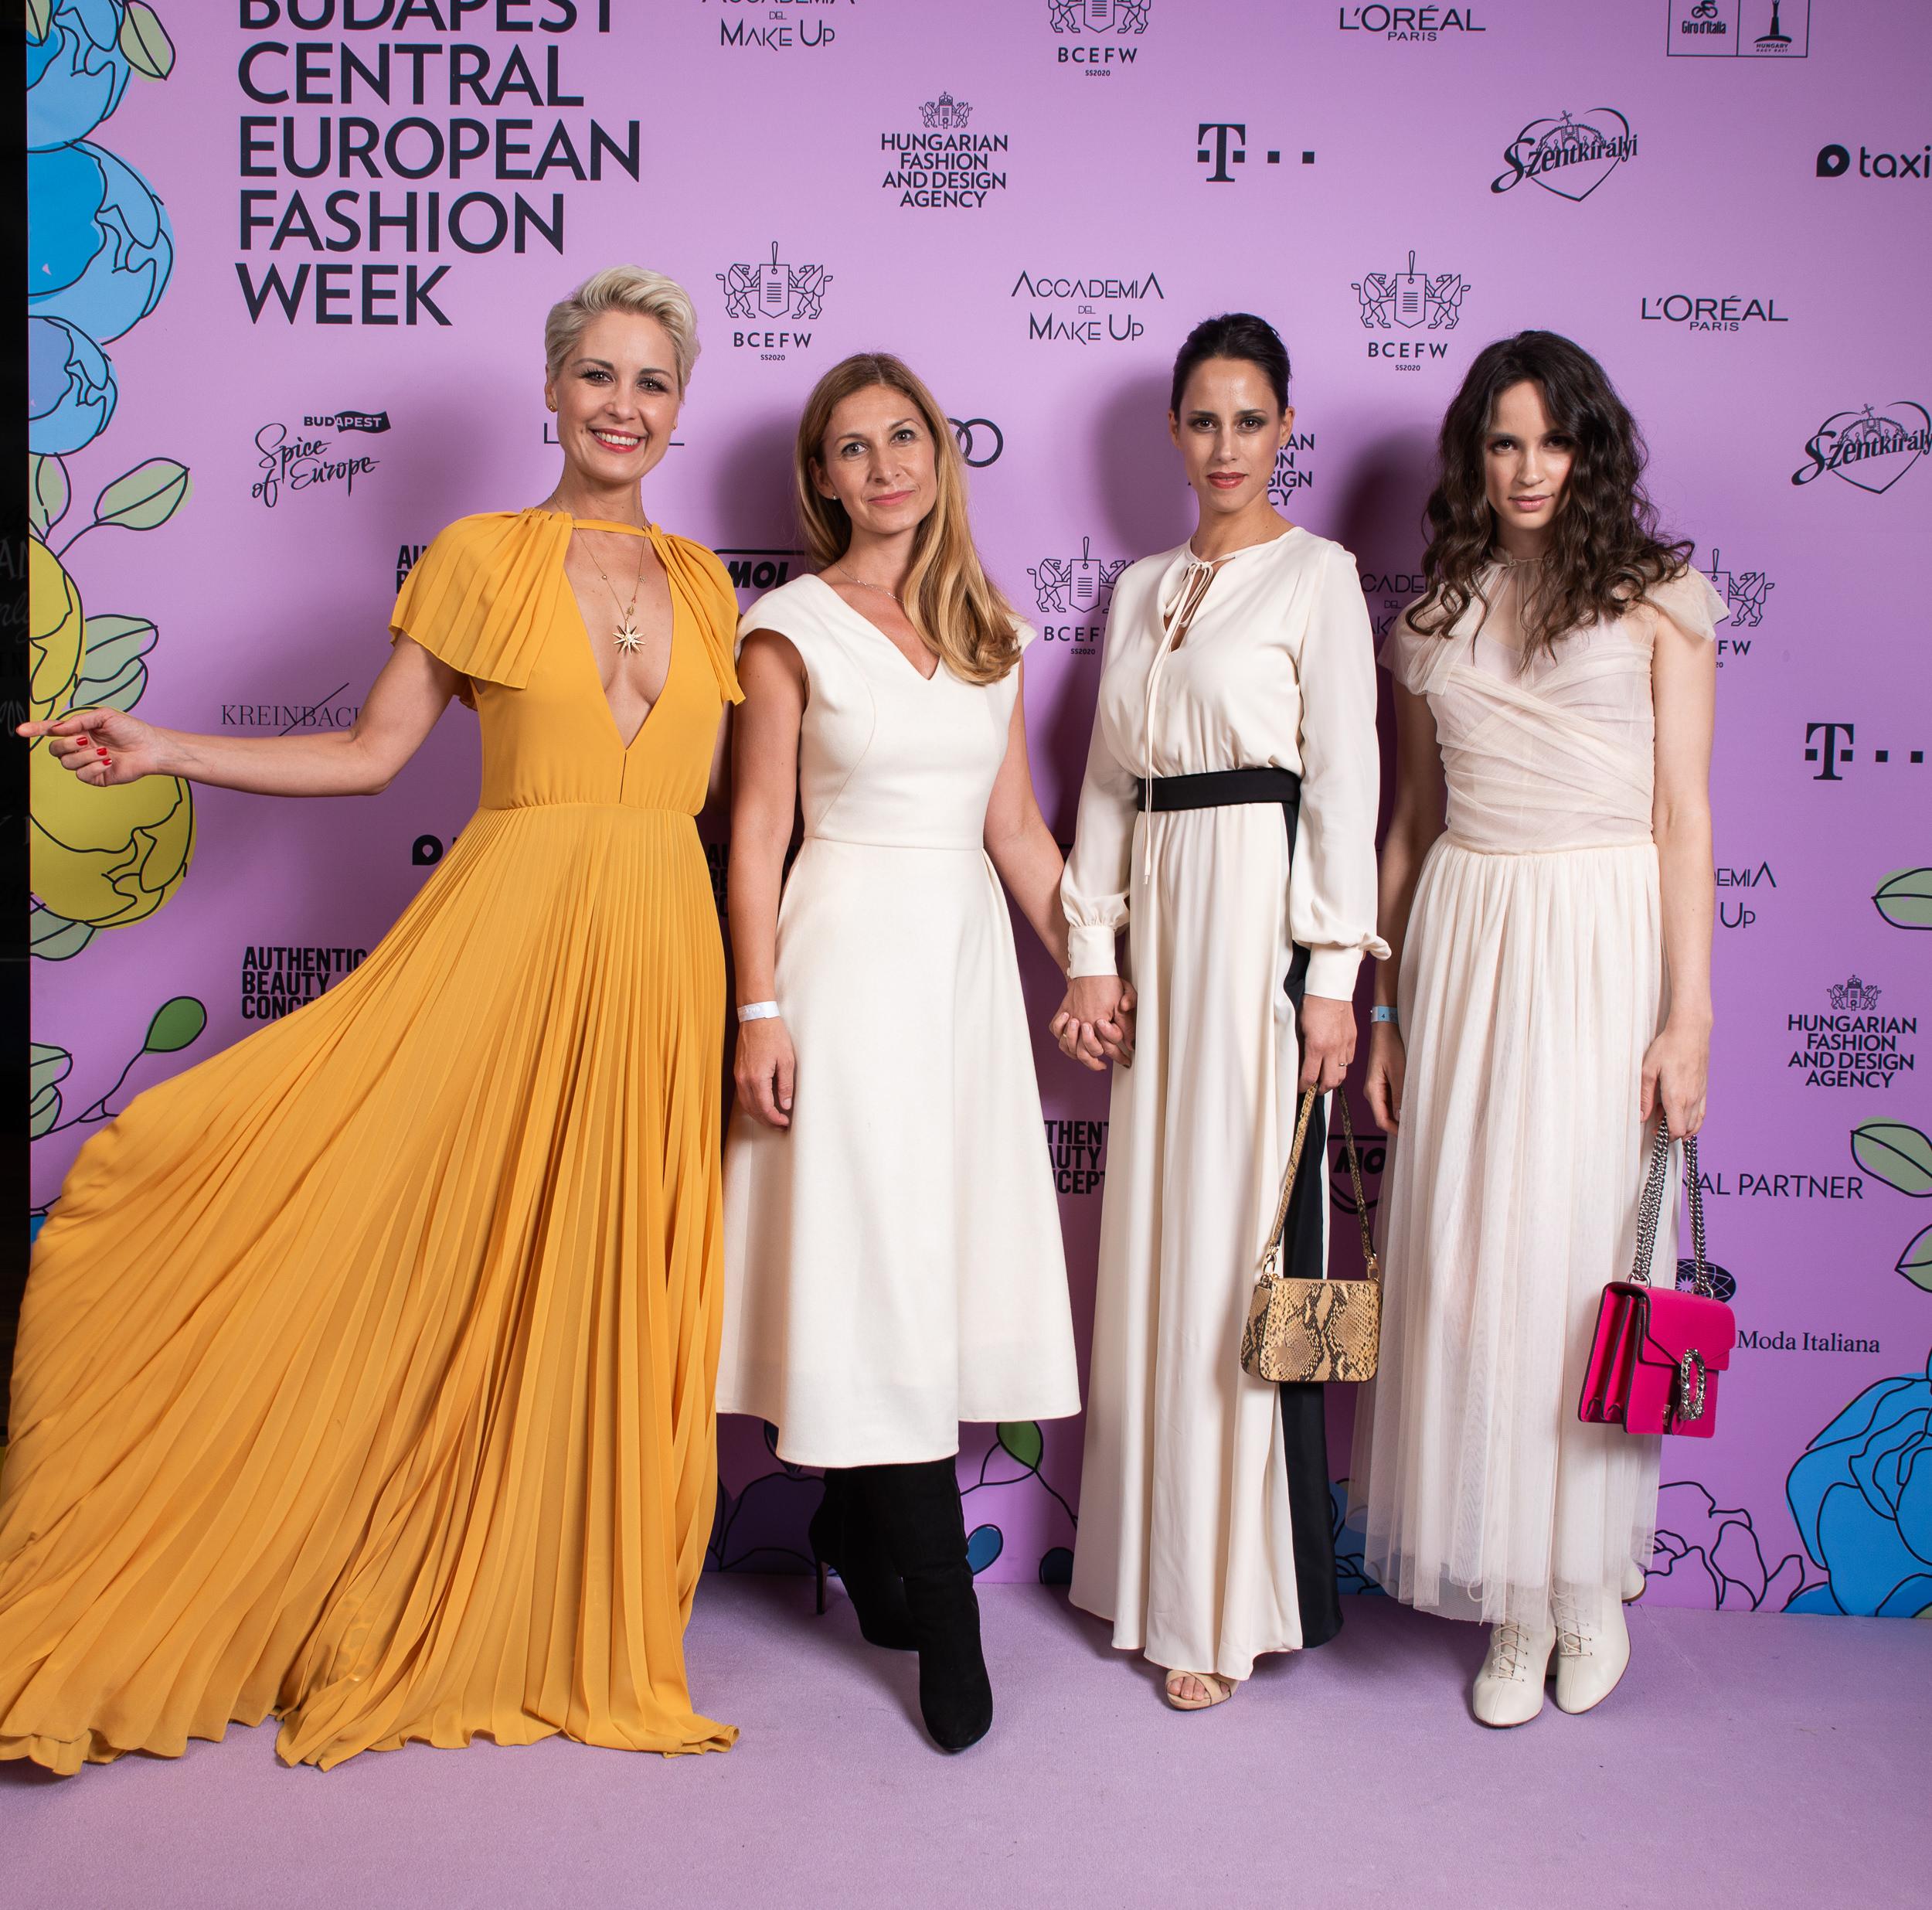 Orosz Barbi, Bódis Boglárka, az Elysian tervezője, Trokán Anna és Törőcsik Franciska Elysianban